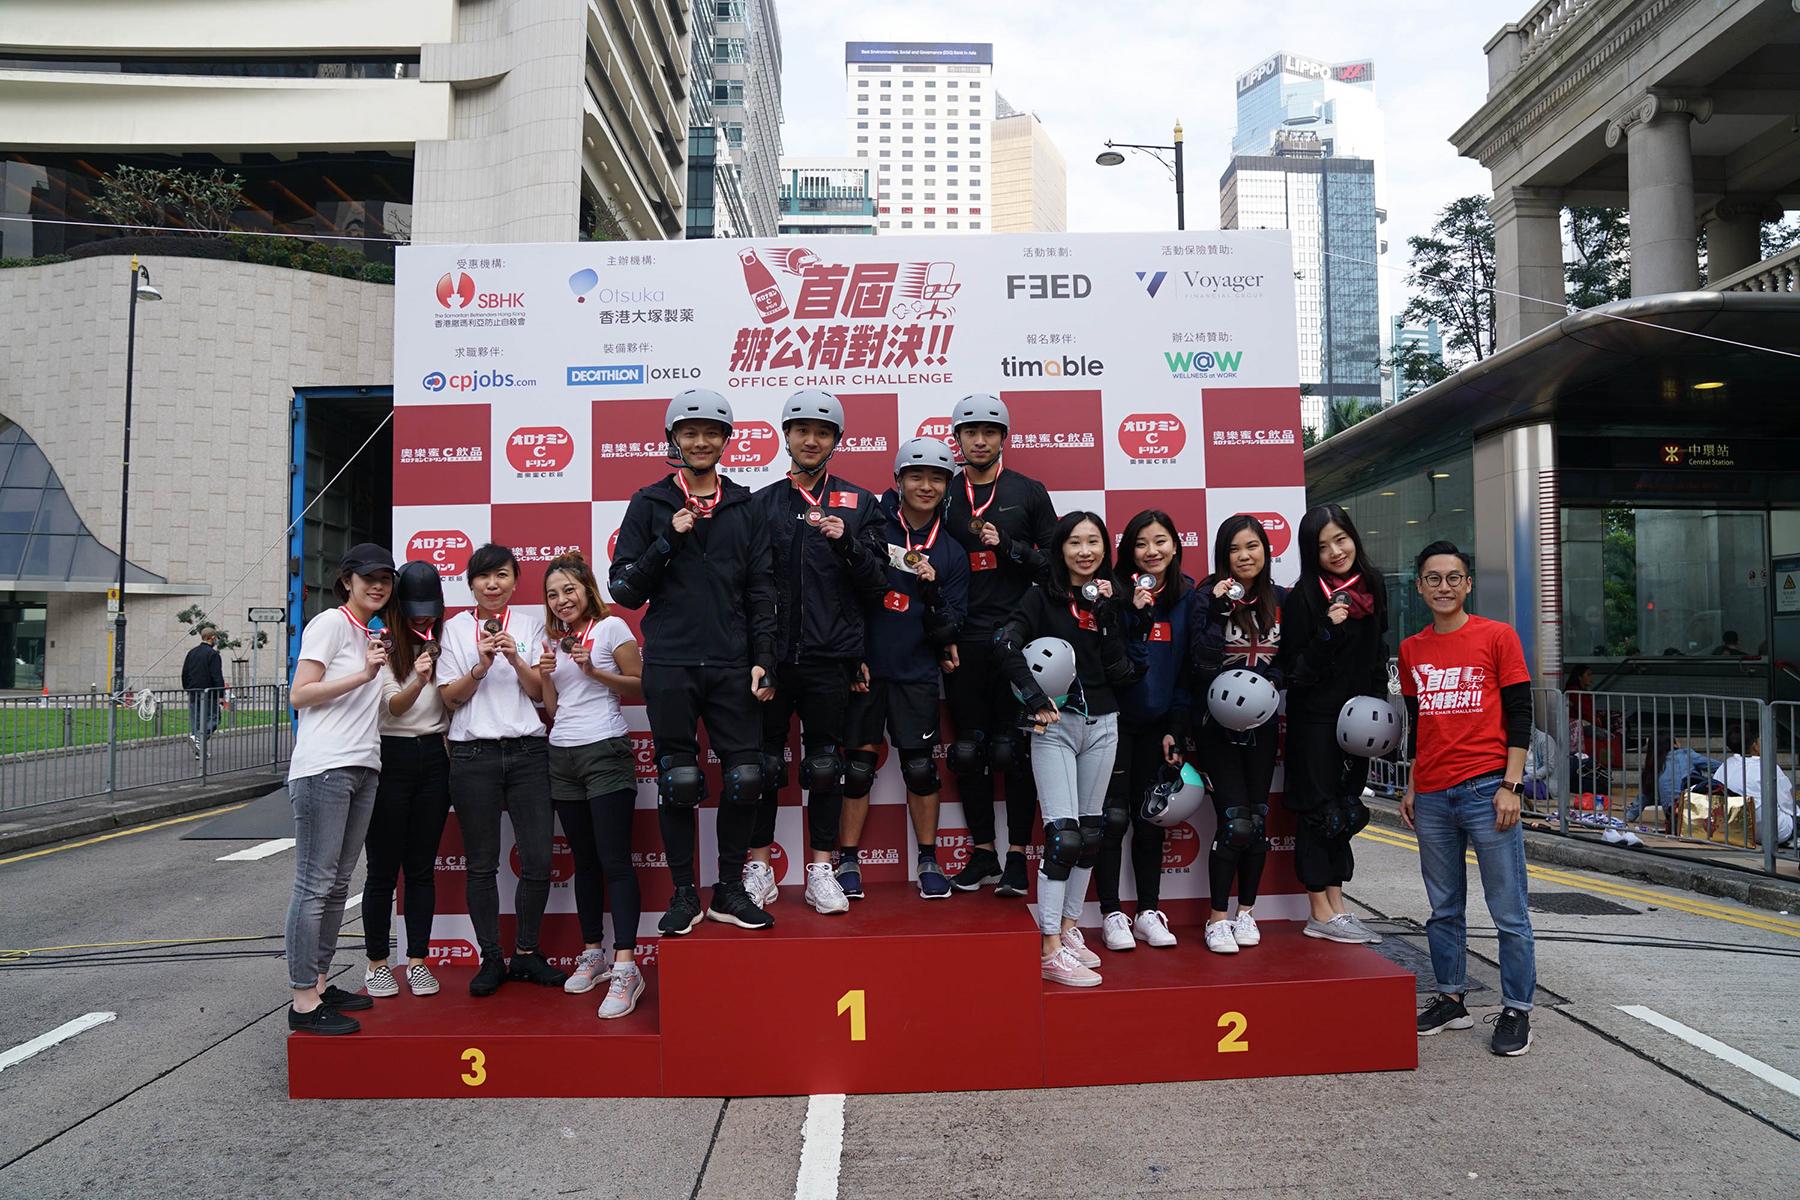 團體賽G3得獎選手 (2)